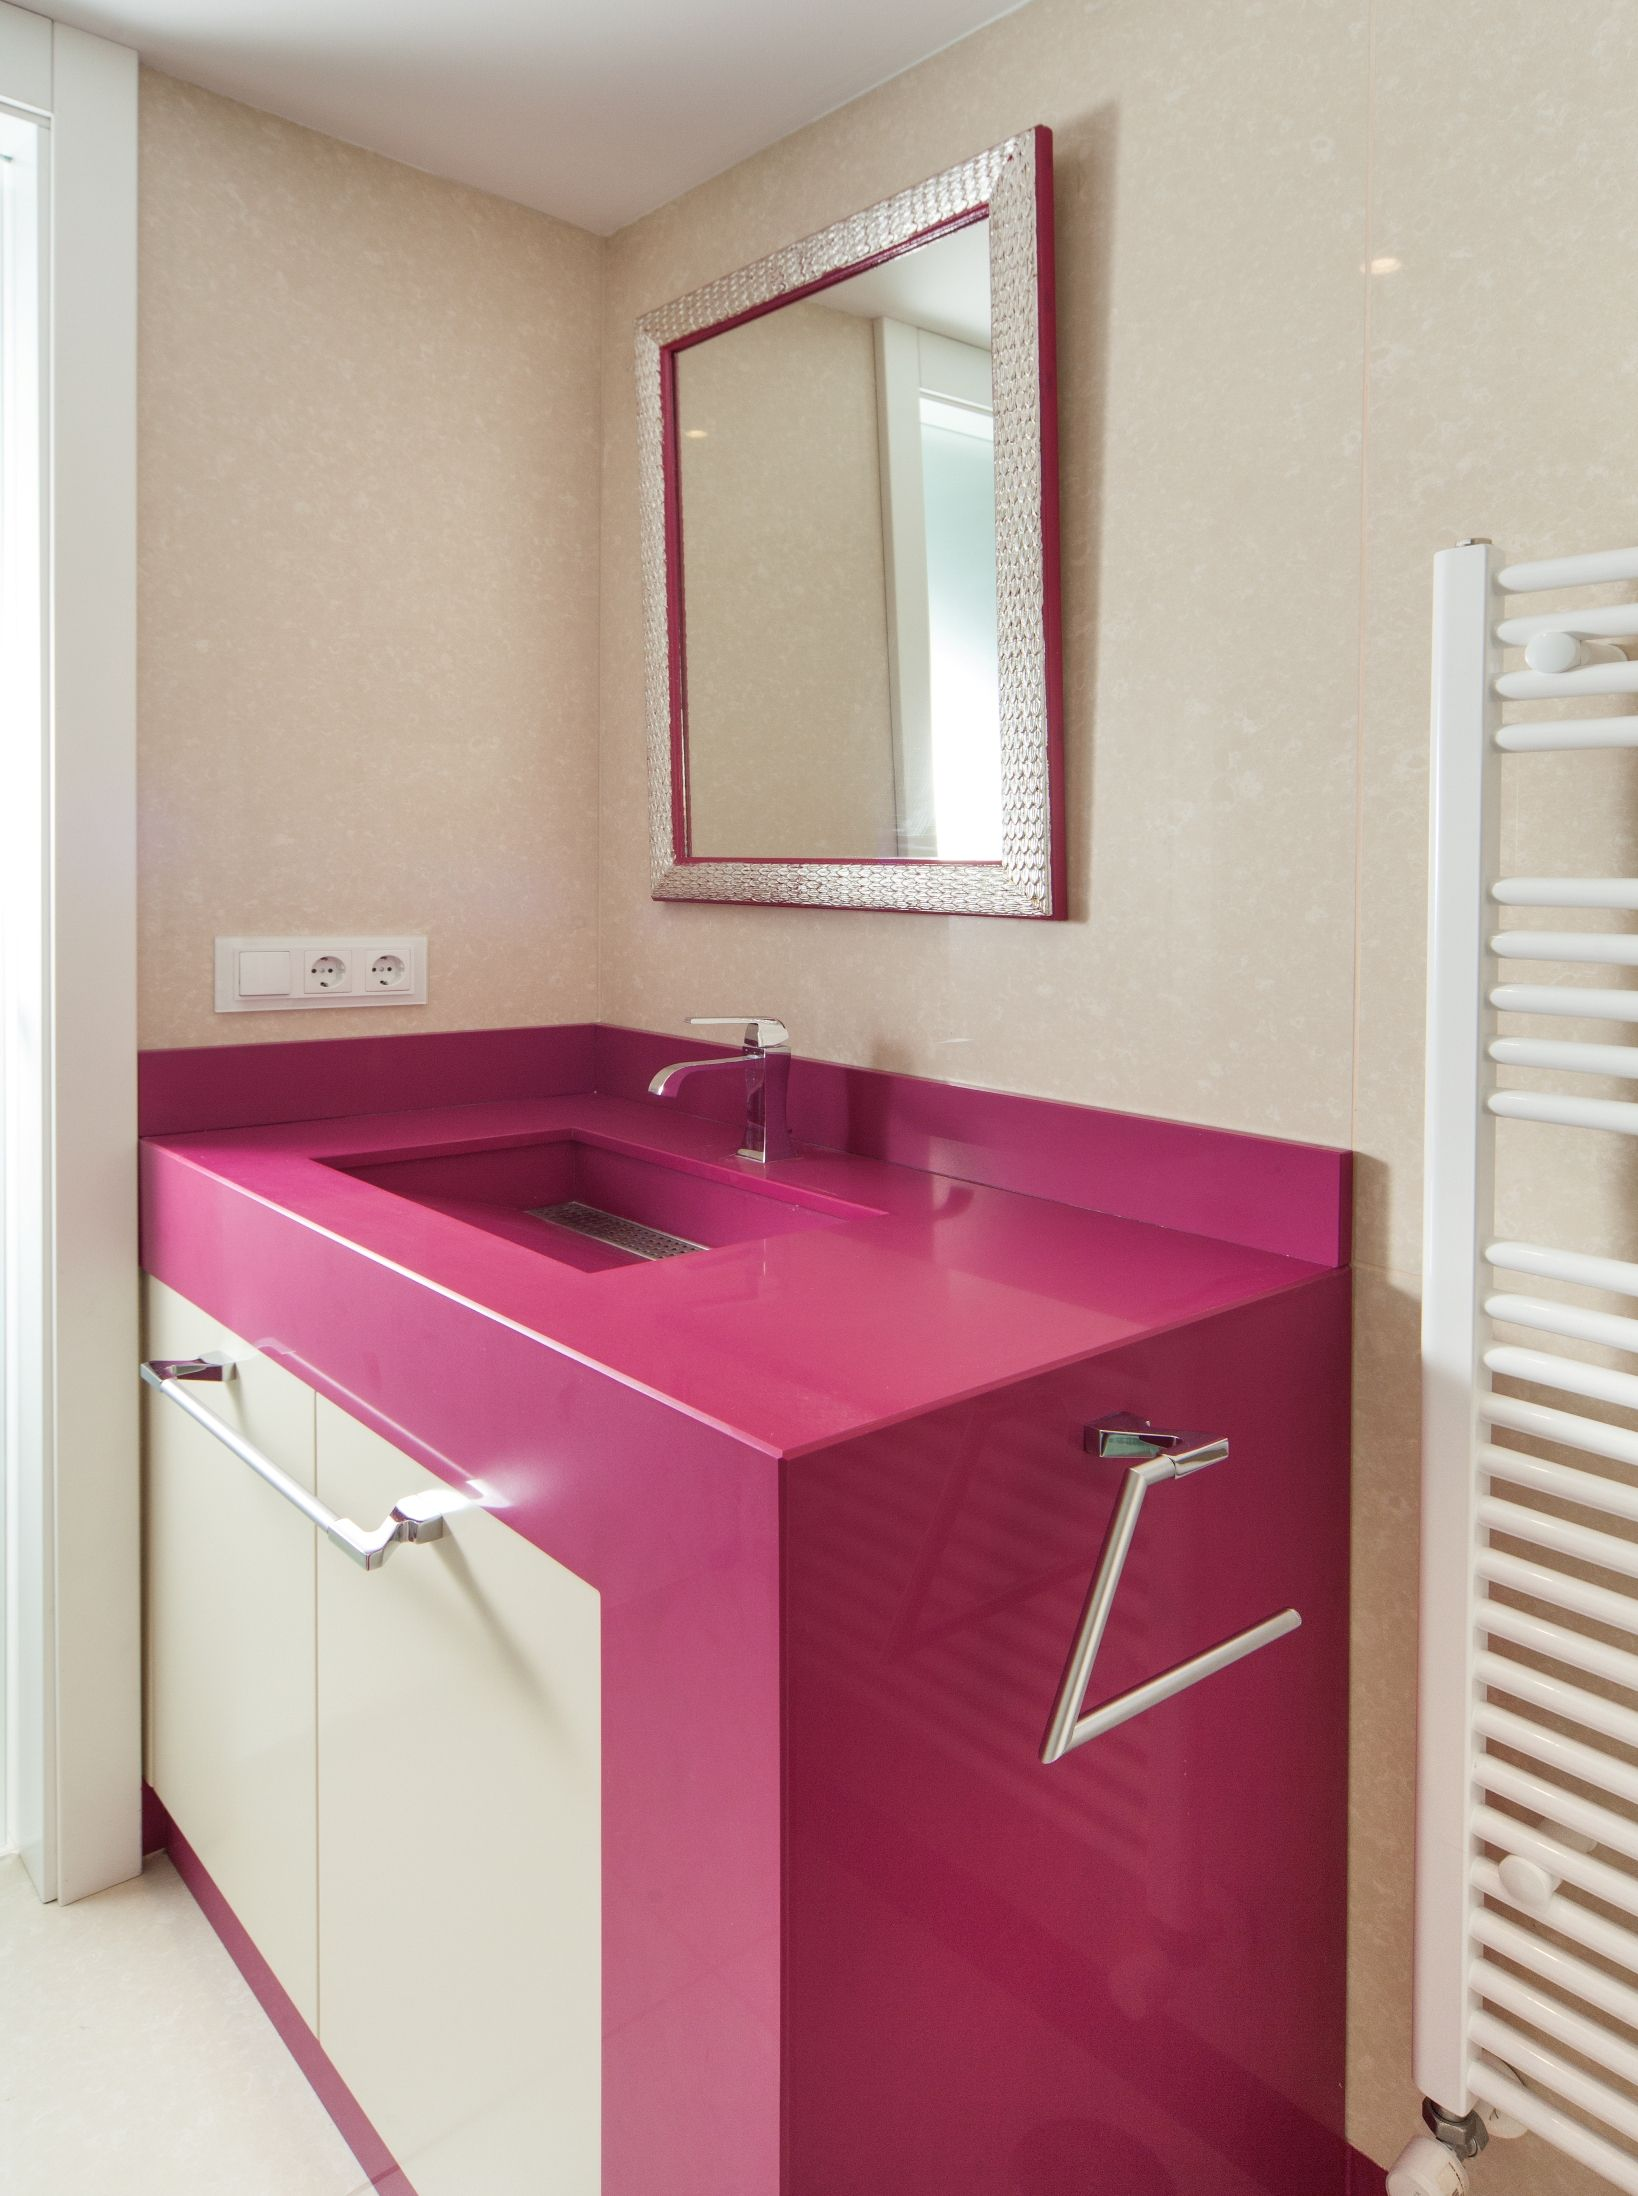 lavabo equilibrium de silestone. color magenta energy (acabado